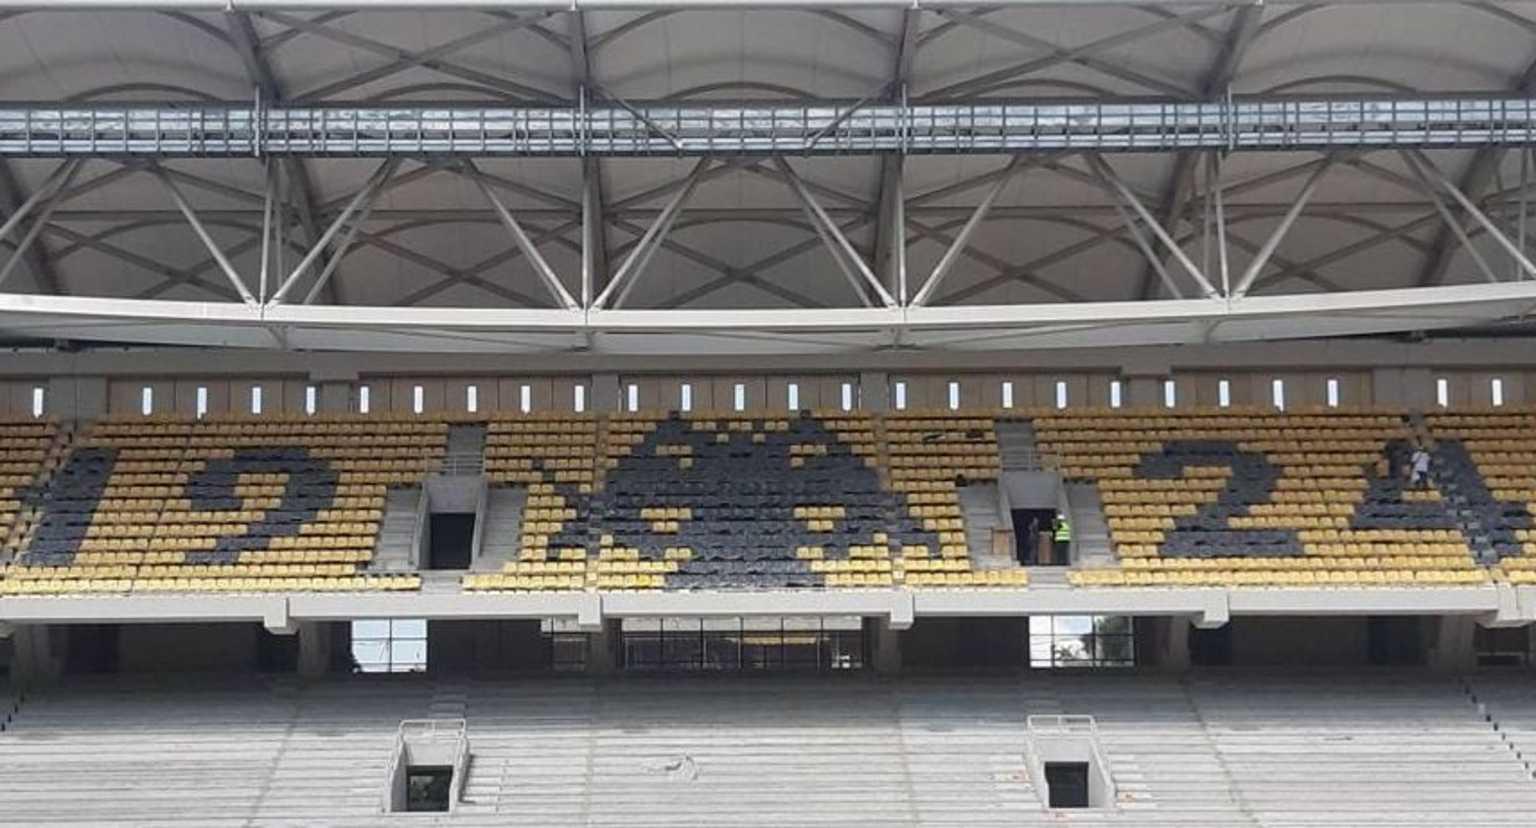 Γήπεδο ΑΕΚ: Σχηματίστηκε το «1924» και ο δικέφαλος αετός στην «Αγιά Σοφιά»